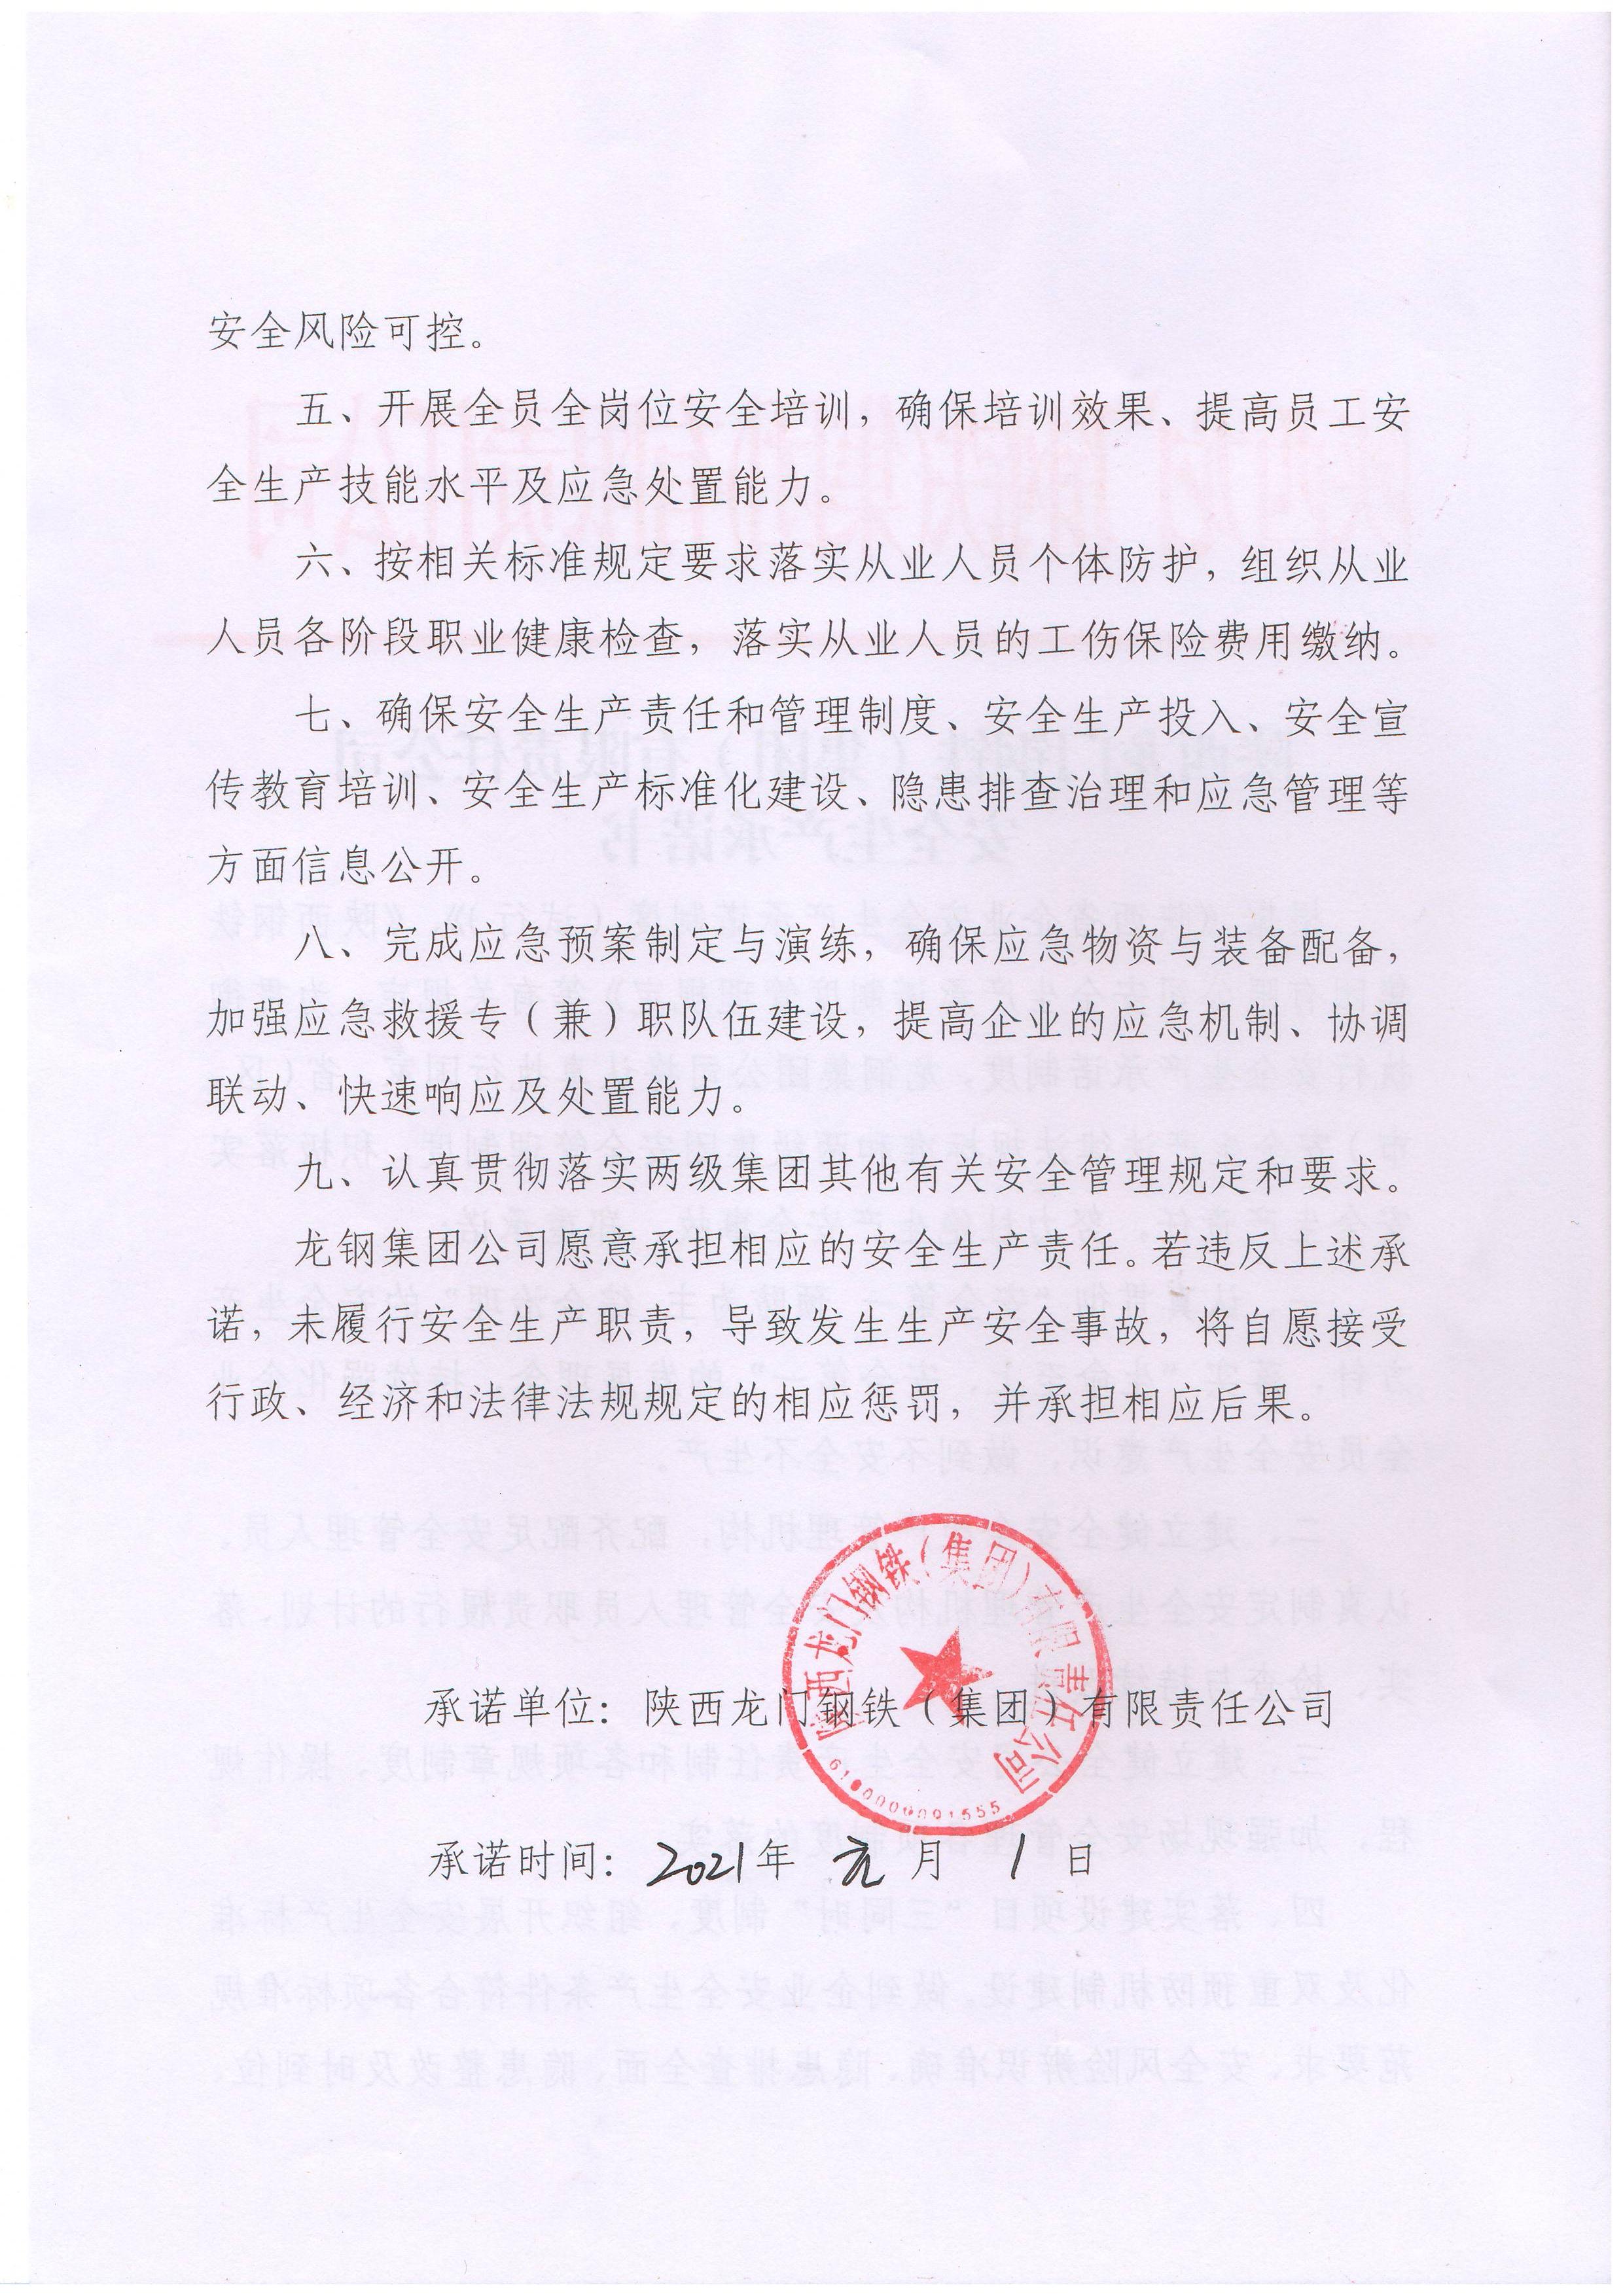 陕西龙门钢铁(天天直播足球)有限责任公司安全生产承诺书